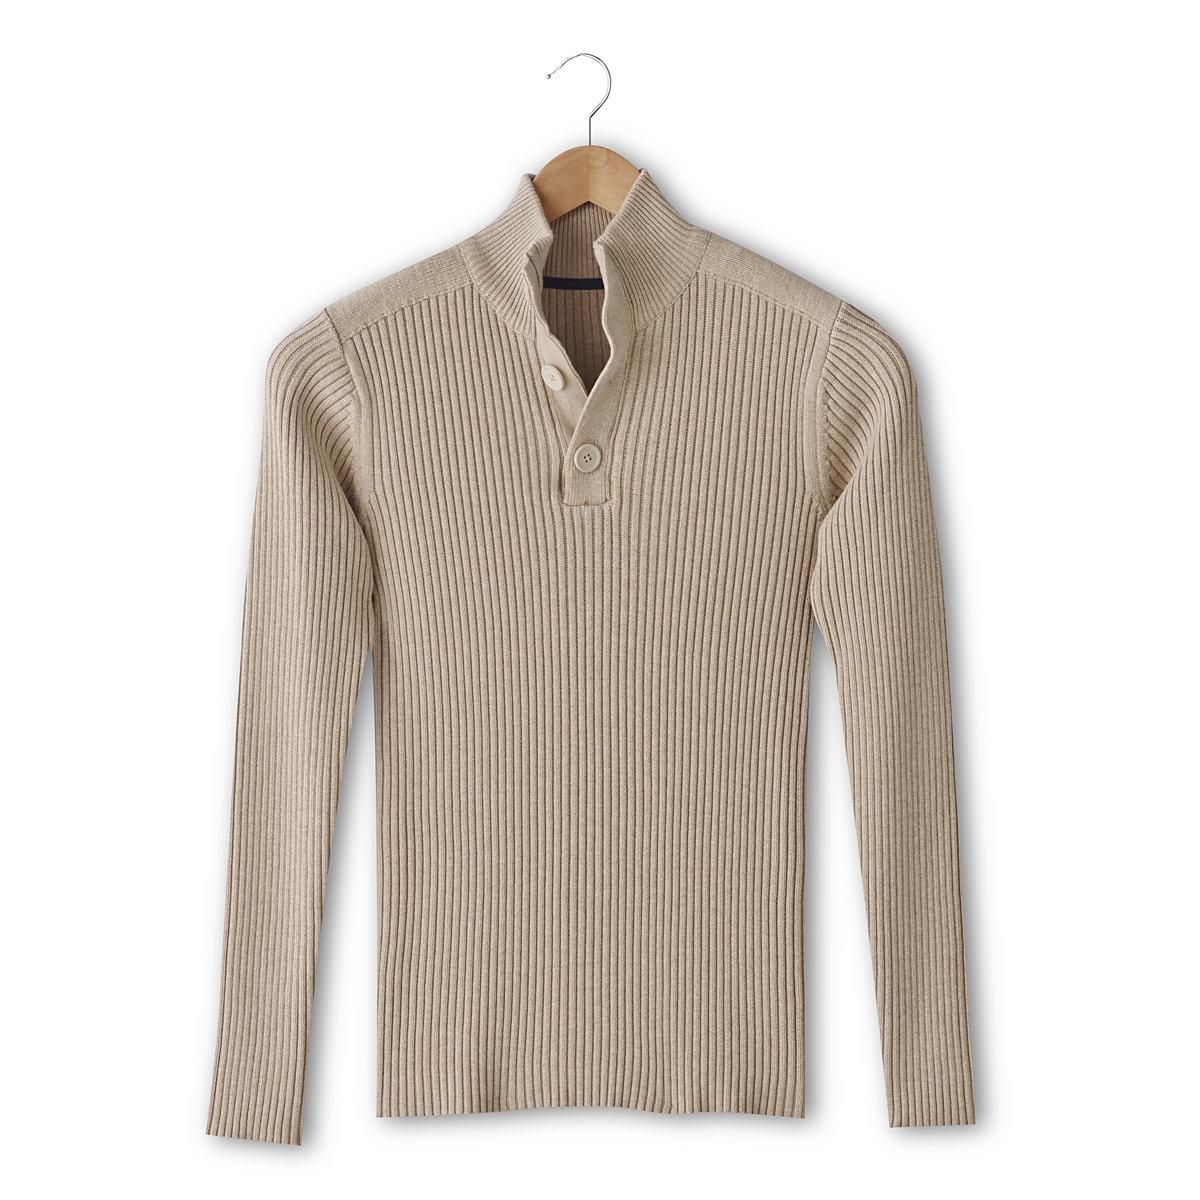 Пуловер c высокм воротником и застежкой на пуговицы, 100% хлопокВысокий воротник с репсовой планкой застежки на пуговицы. Трикотаж в рубчик, 100% хлопка. Вставки из гладкого джерси на плечах. Длина 72 см.<br><br>Цвет: бежевый меланж